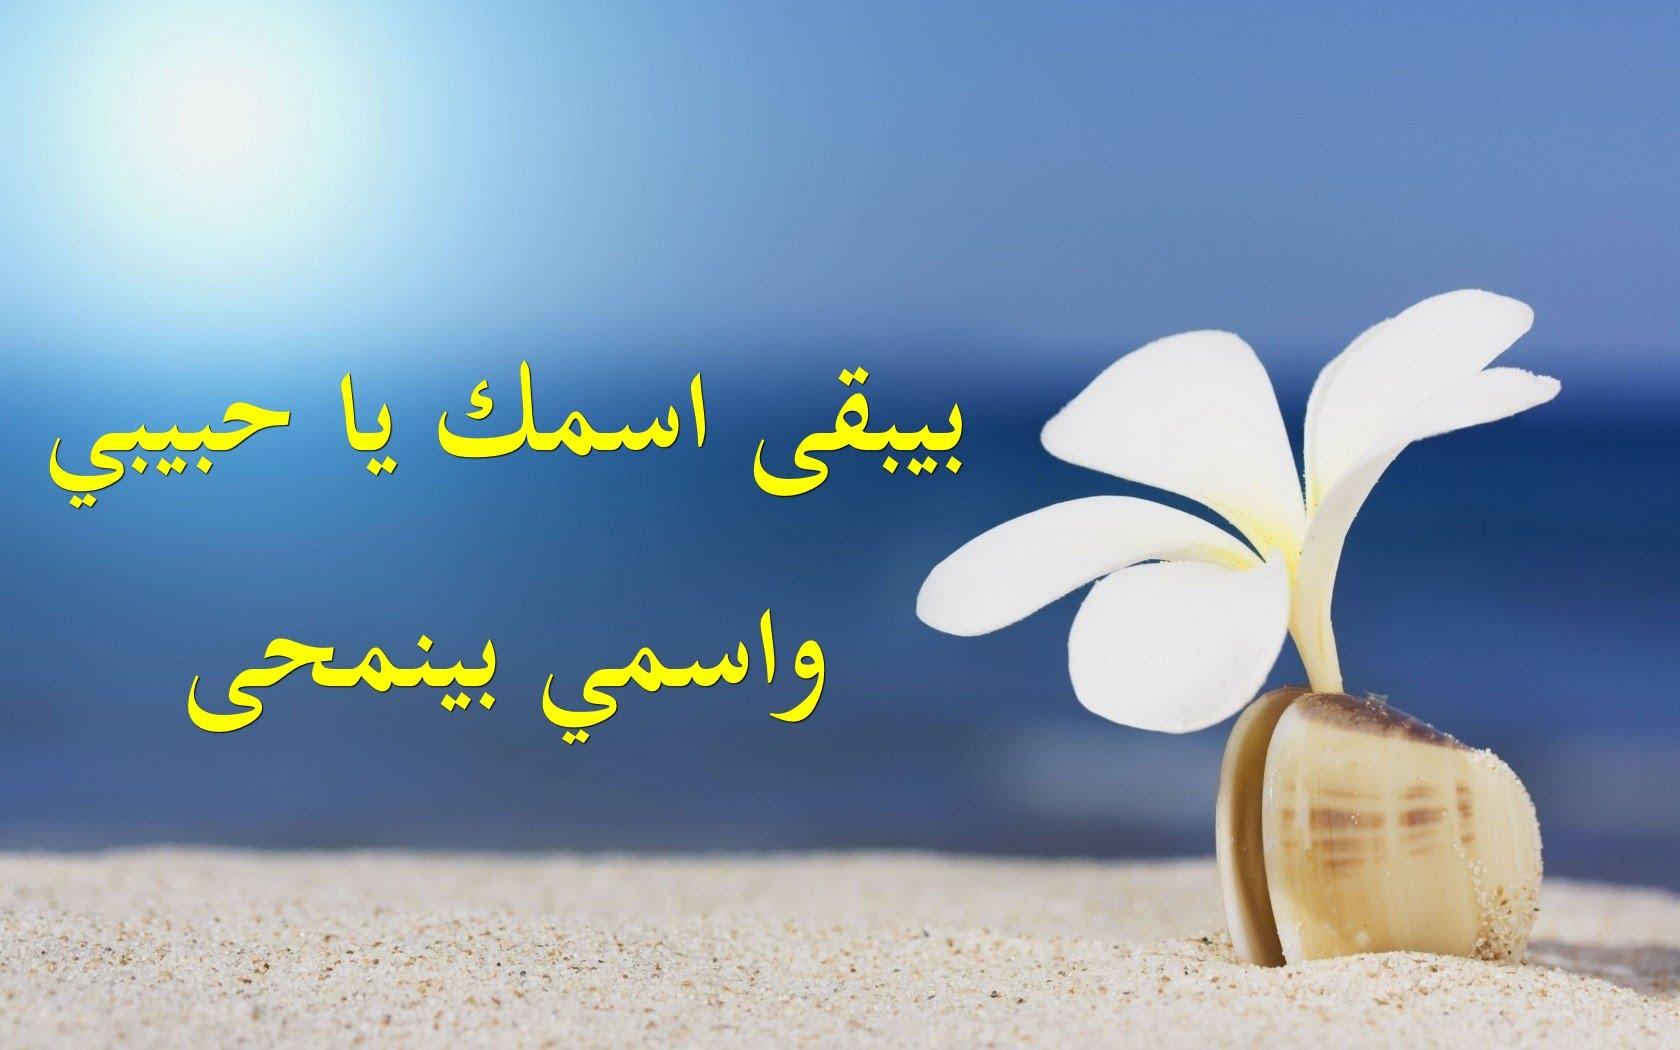 بكتب اسمك يا حبيبي كلمات اغنيه فيروز الرائعه صور حب